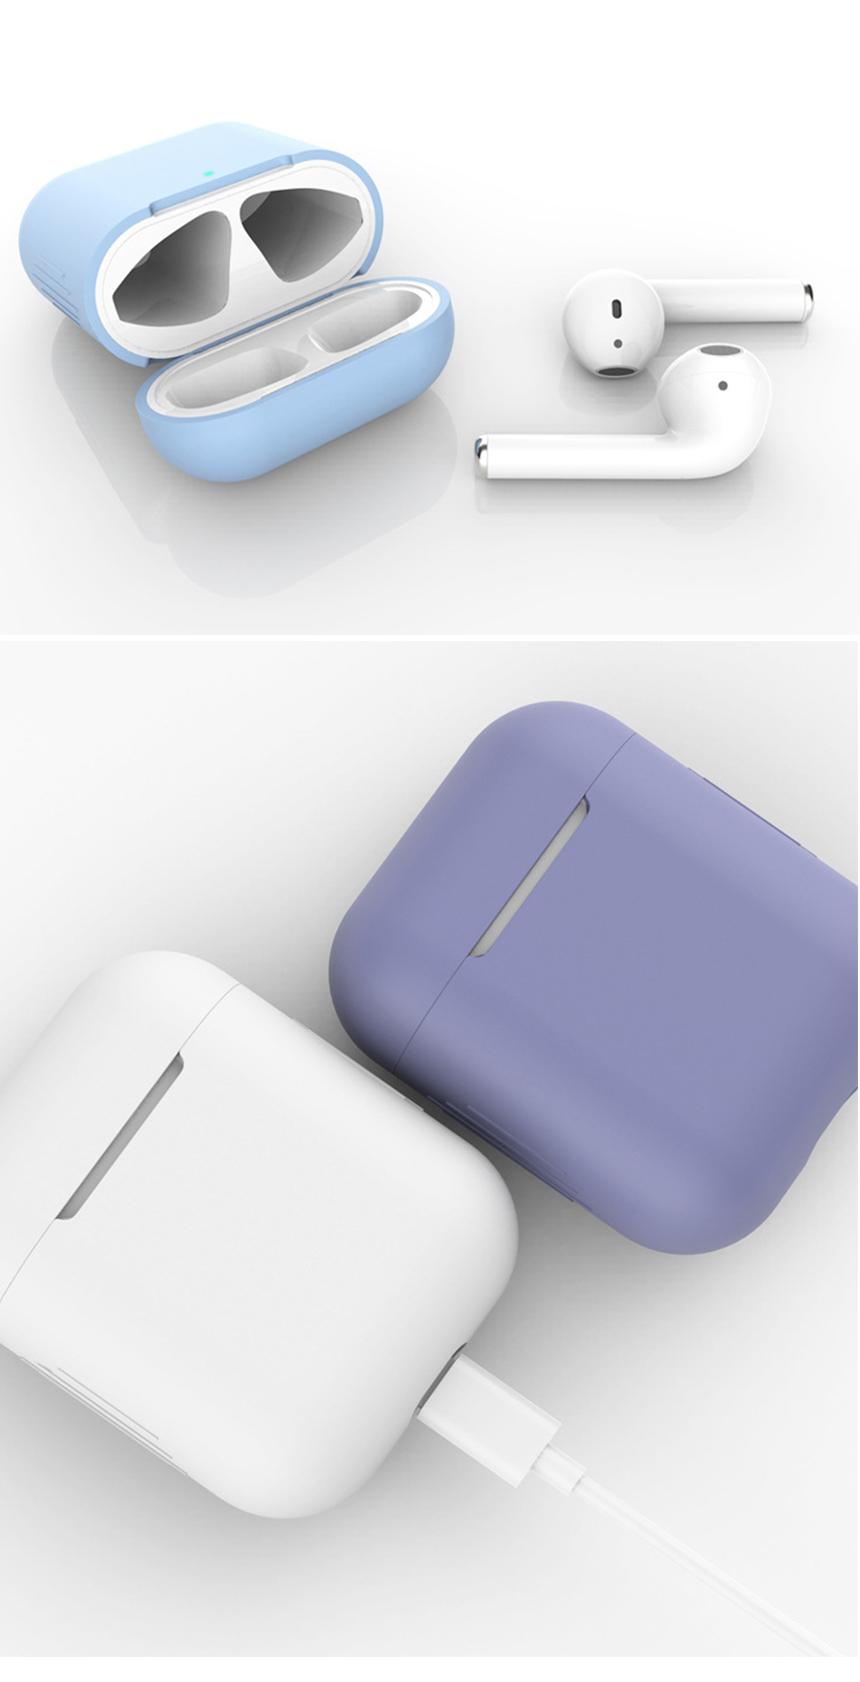 이어폰 악세서리 무선이어폰 에어팟 실리콘 케이스 베이직 - 슈와츠코리아, 3,000원, 이어폰, 이어폰 악세서리